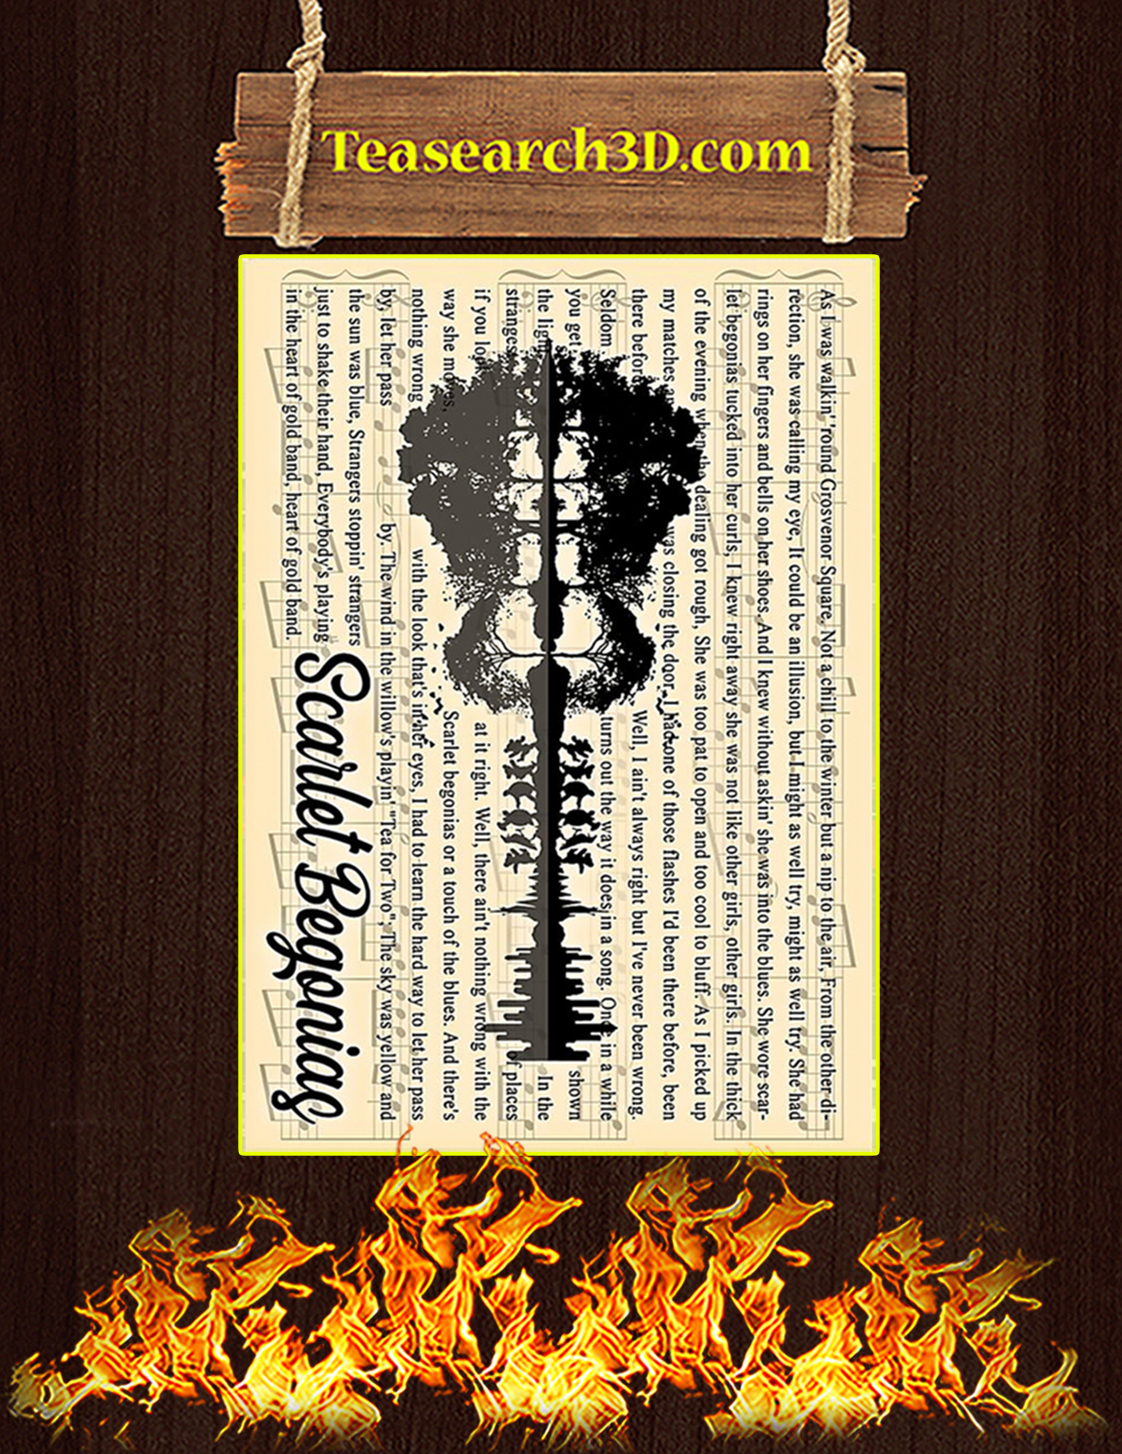 Grateful Dead Scarlet Begonias Poster A3